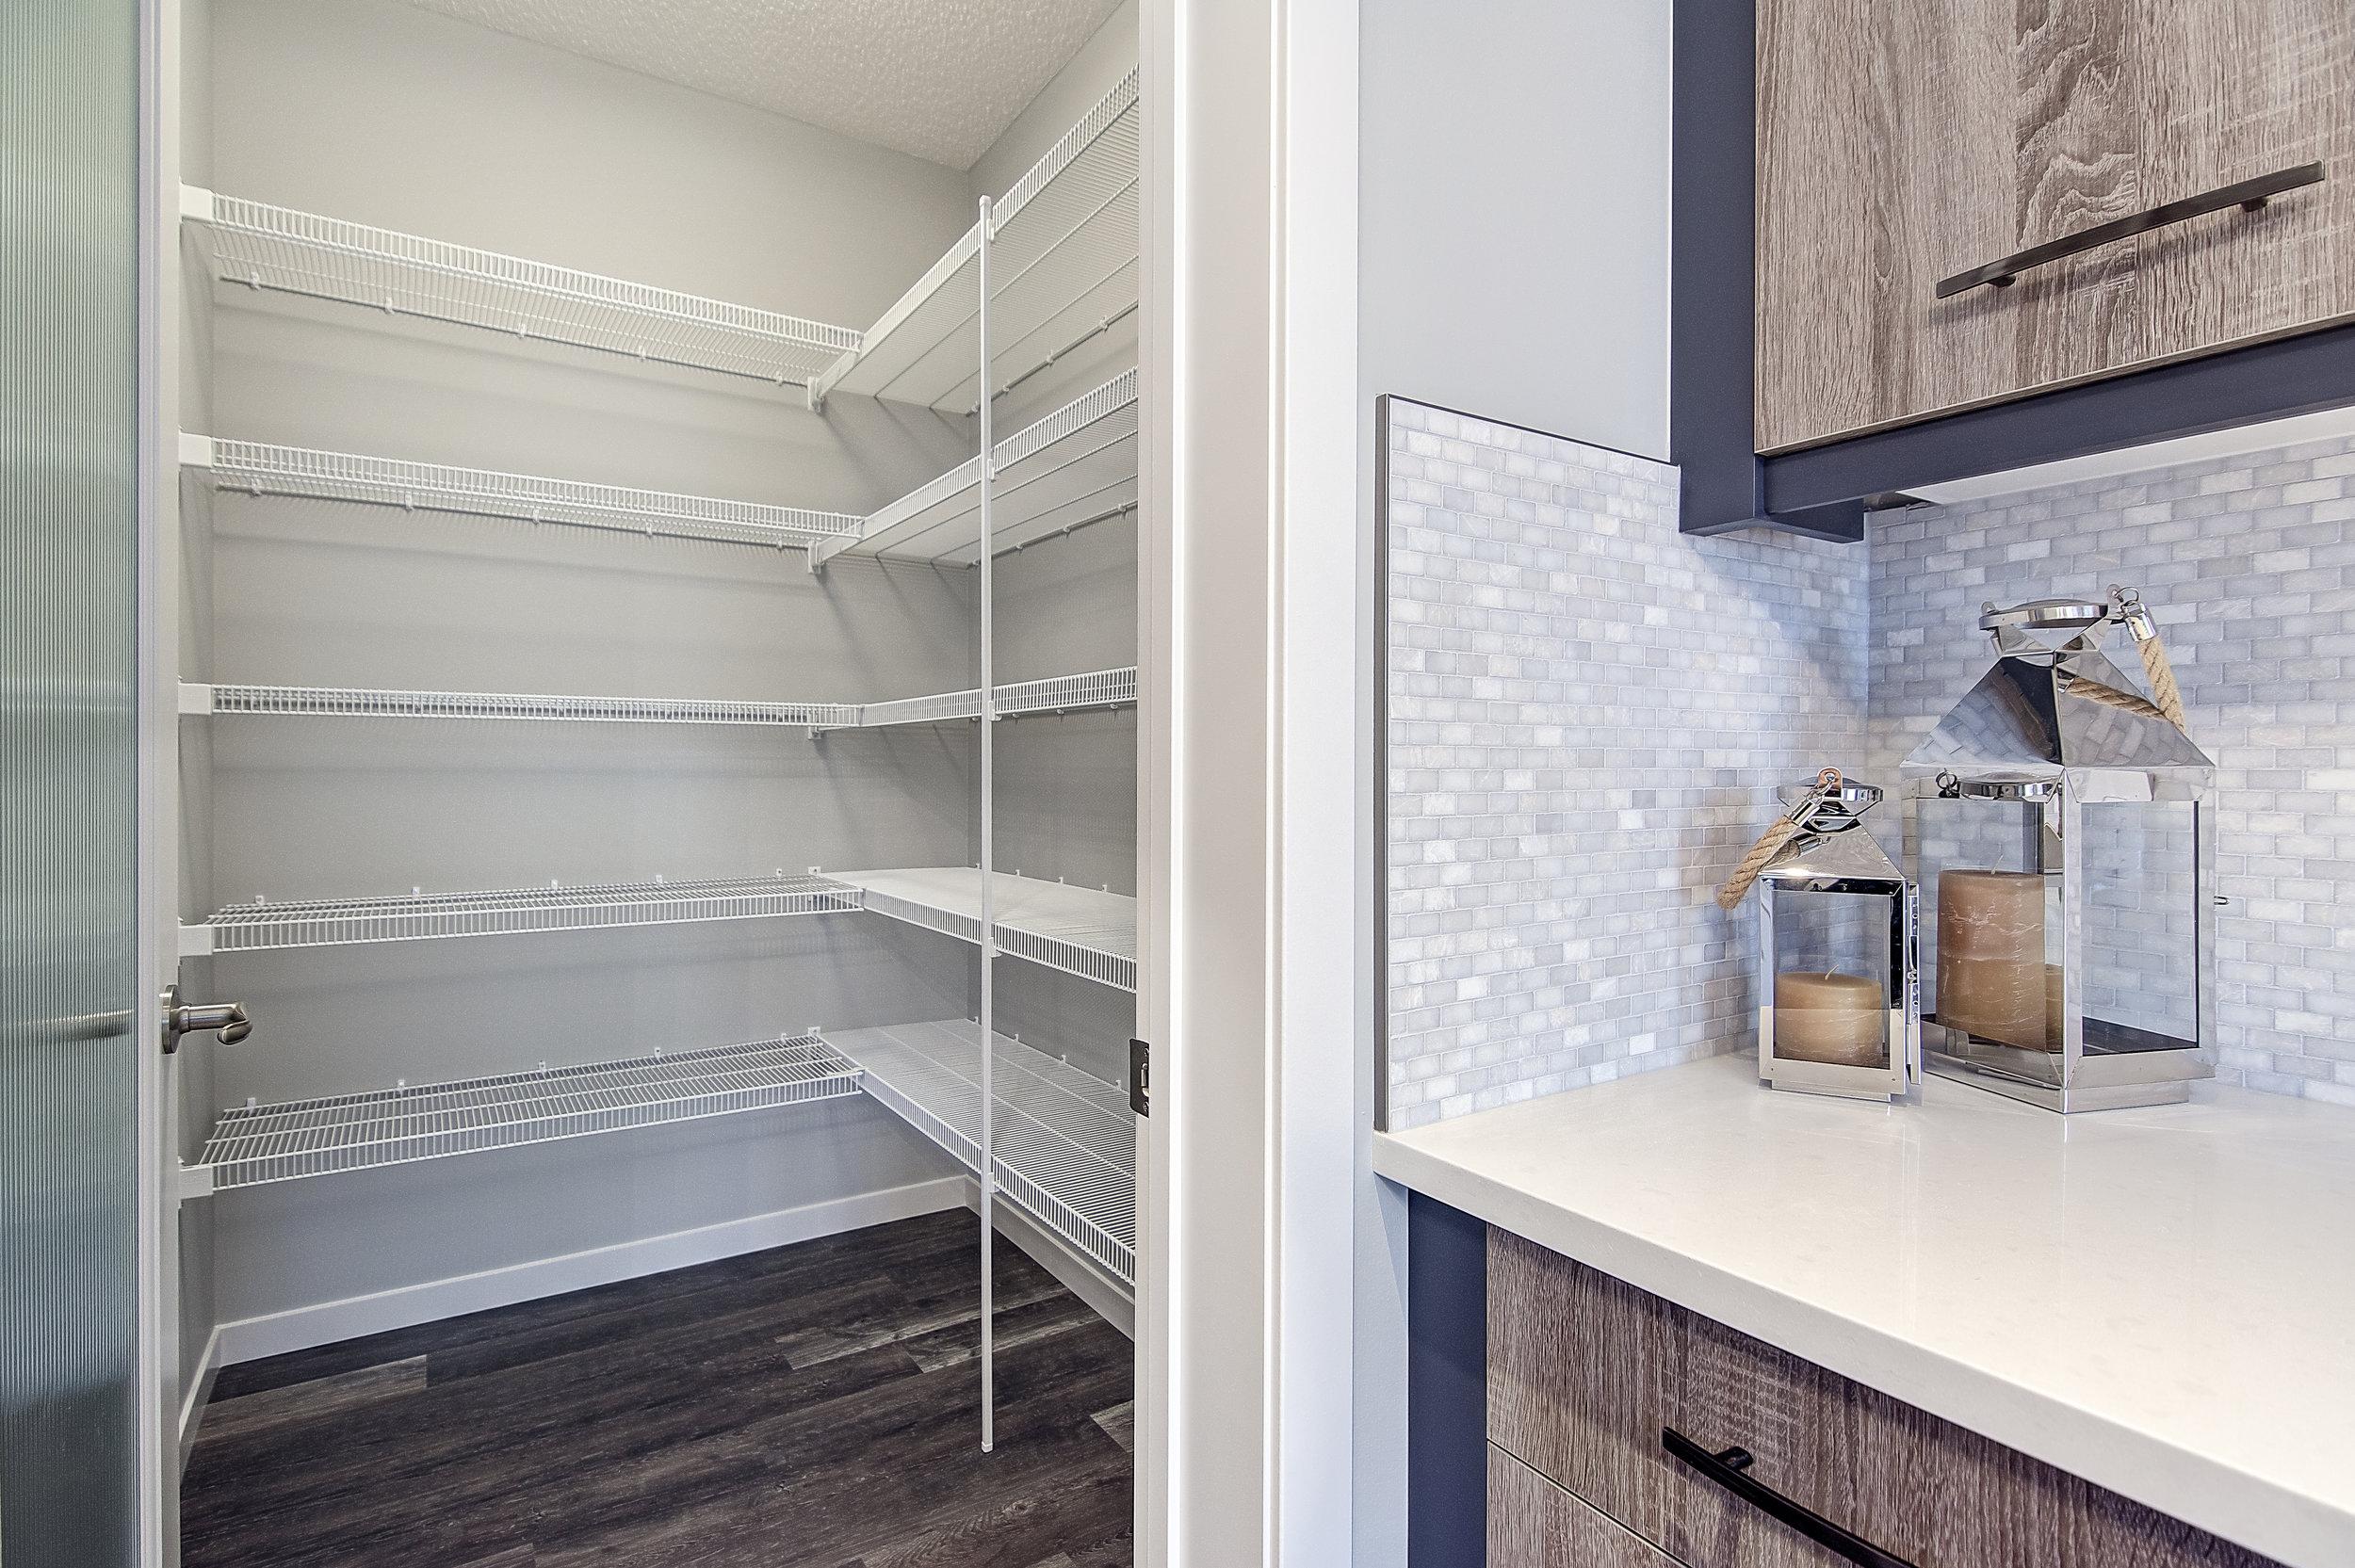 7-main kitchen pantry-.jpg